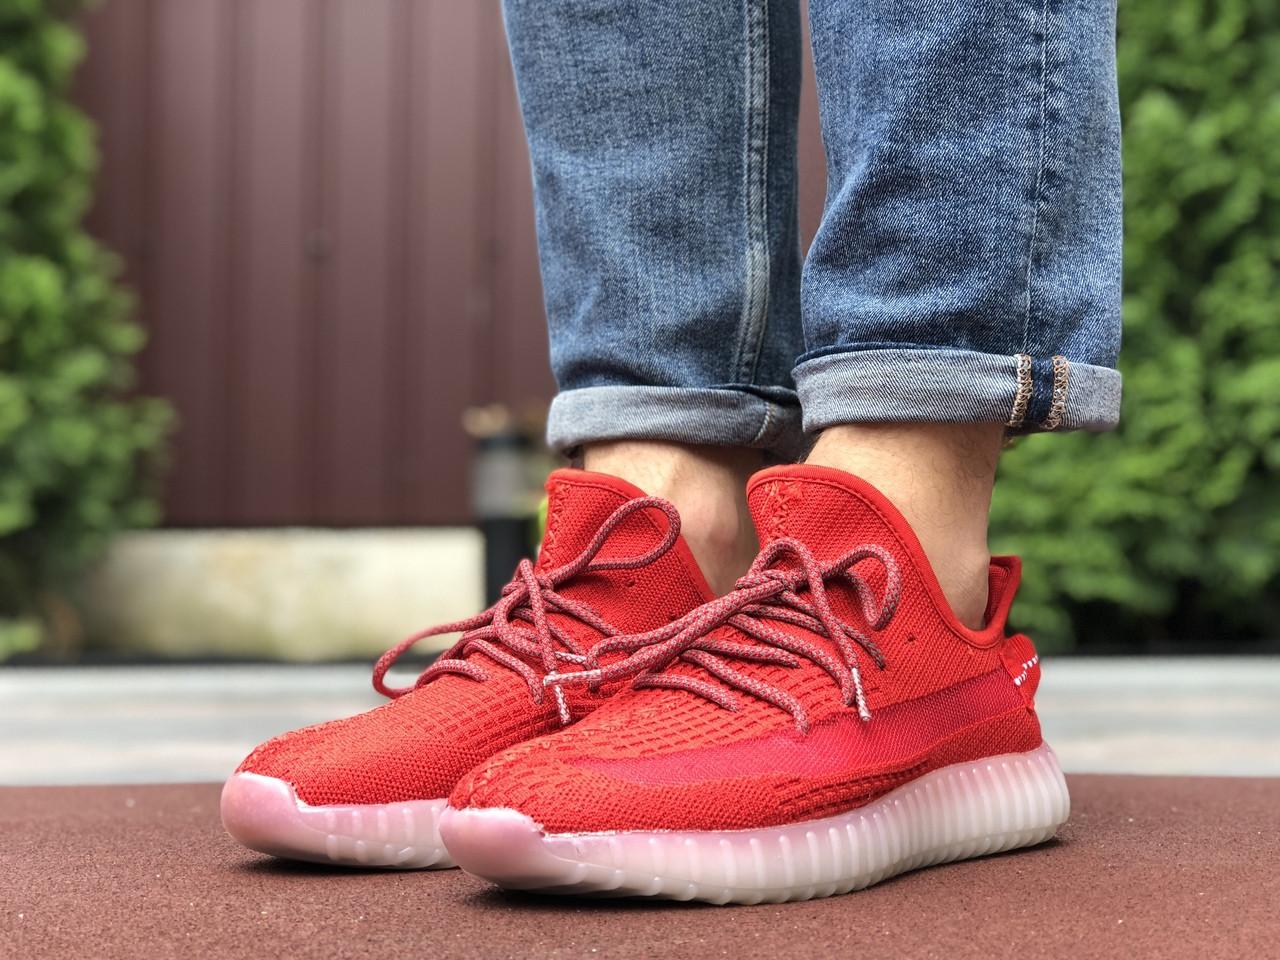 Чоловічі кросівки Yeezy червоні Ізі / чоловічі кросівки Найк червоні (Топ репліка ААА+)